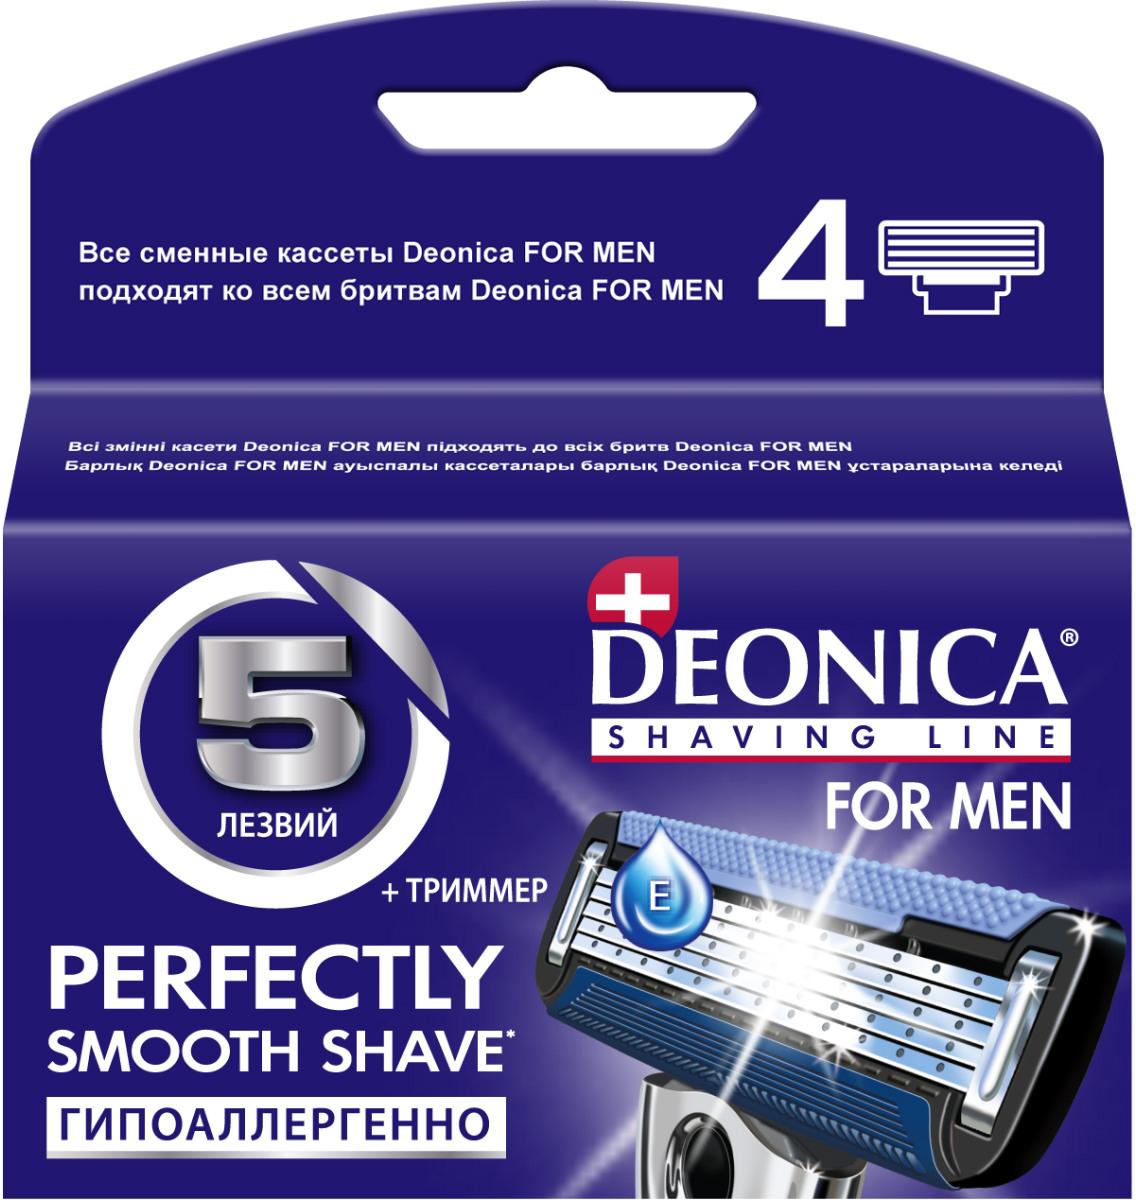 Сменные кассеты для бритв Deonica 5 for men с керамическим покрытием, 4 шт. цена